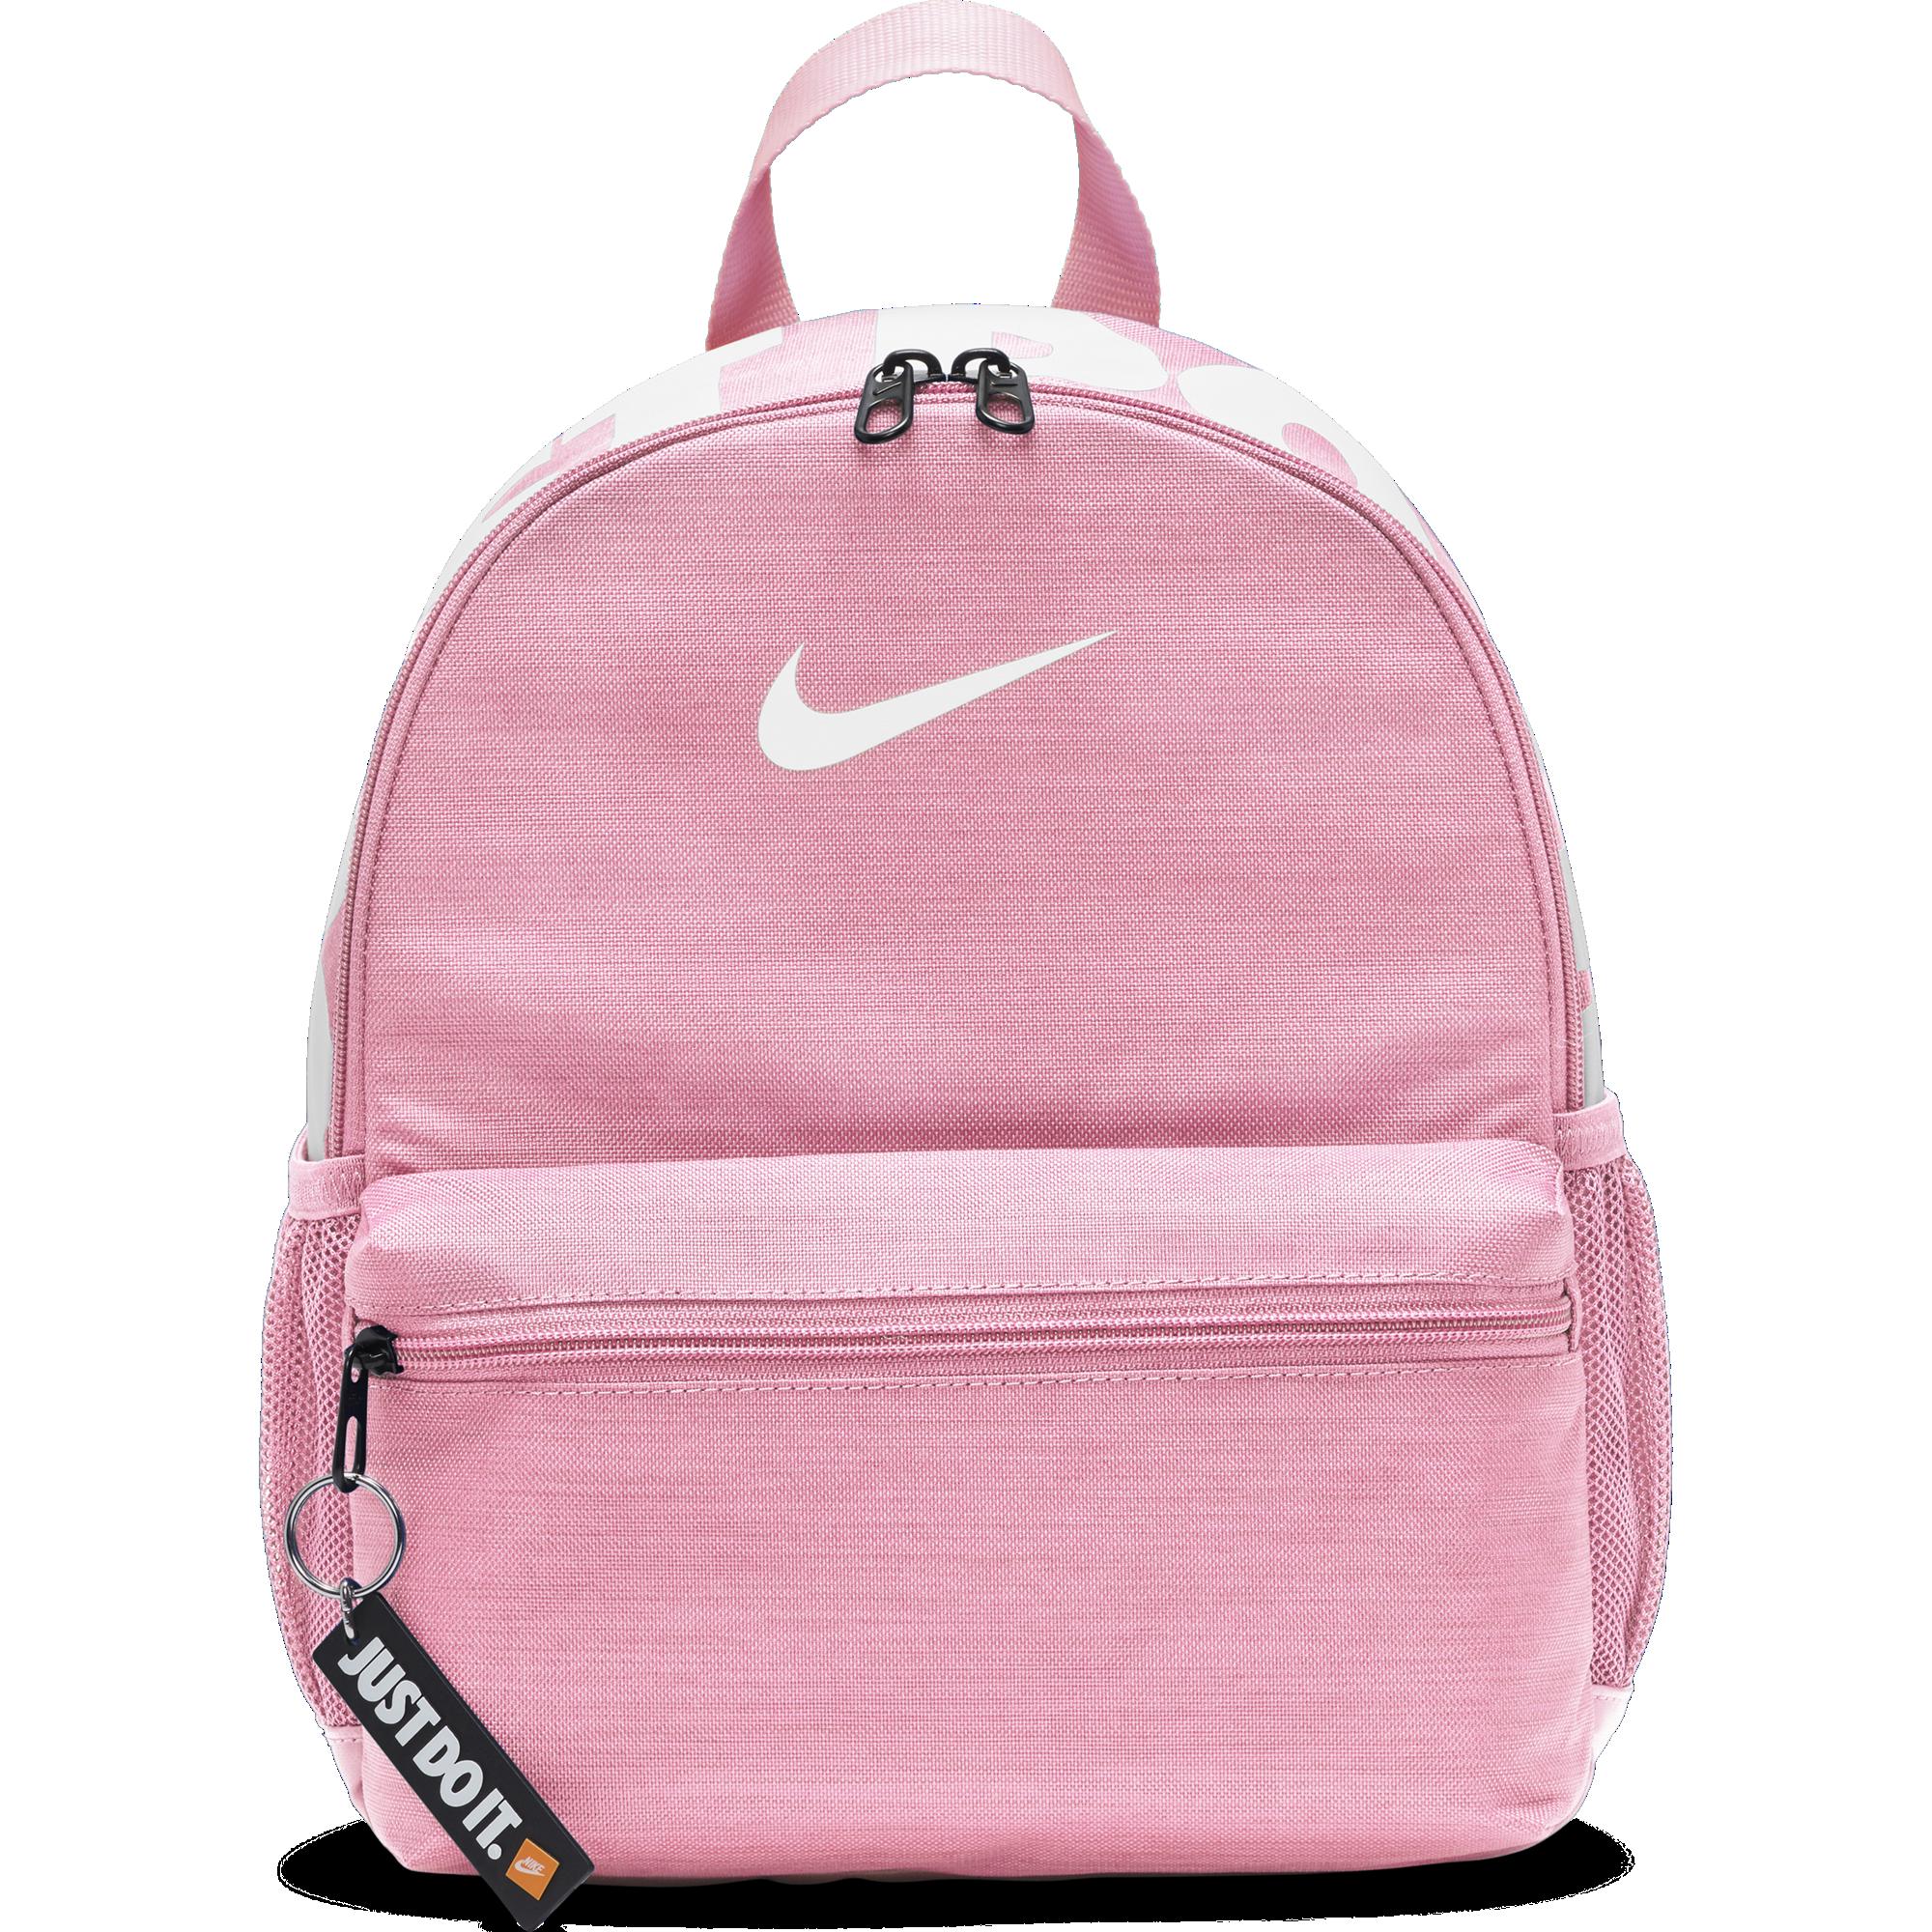 Mini Mochila Nike Y Nk Brsla 655